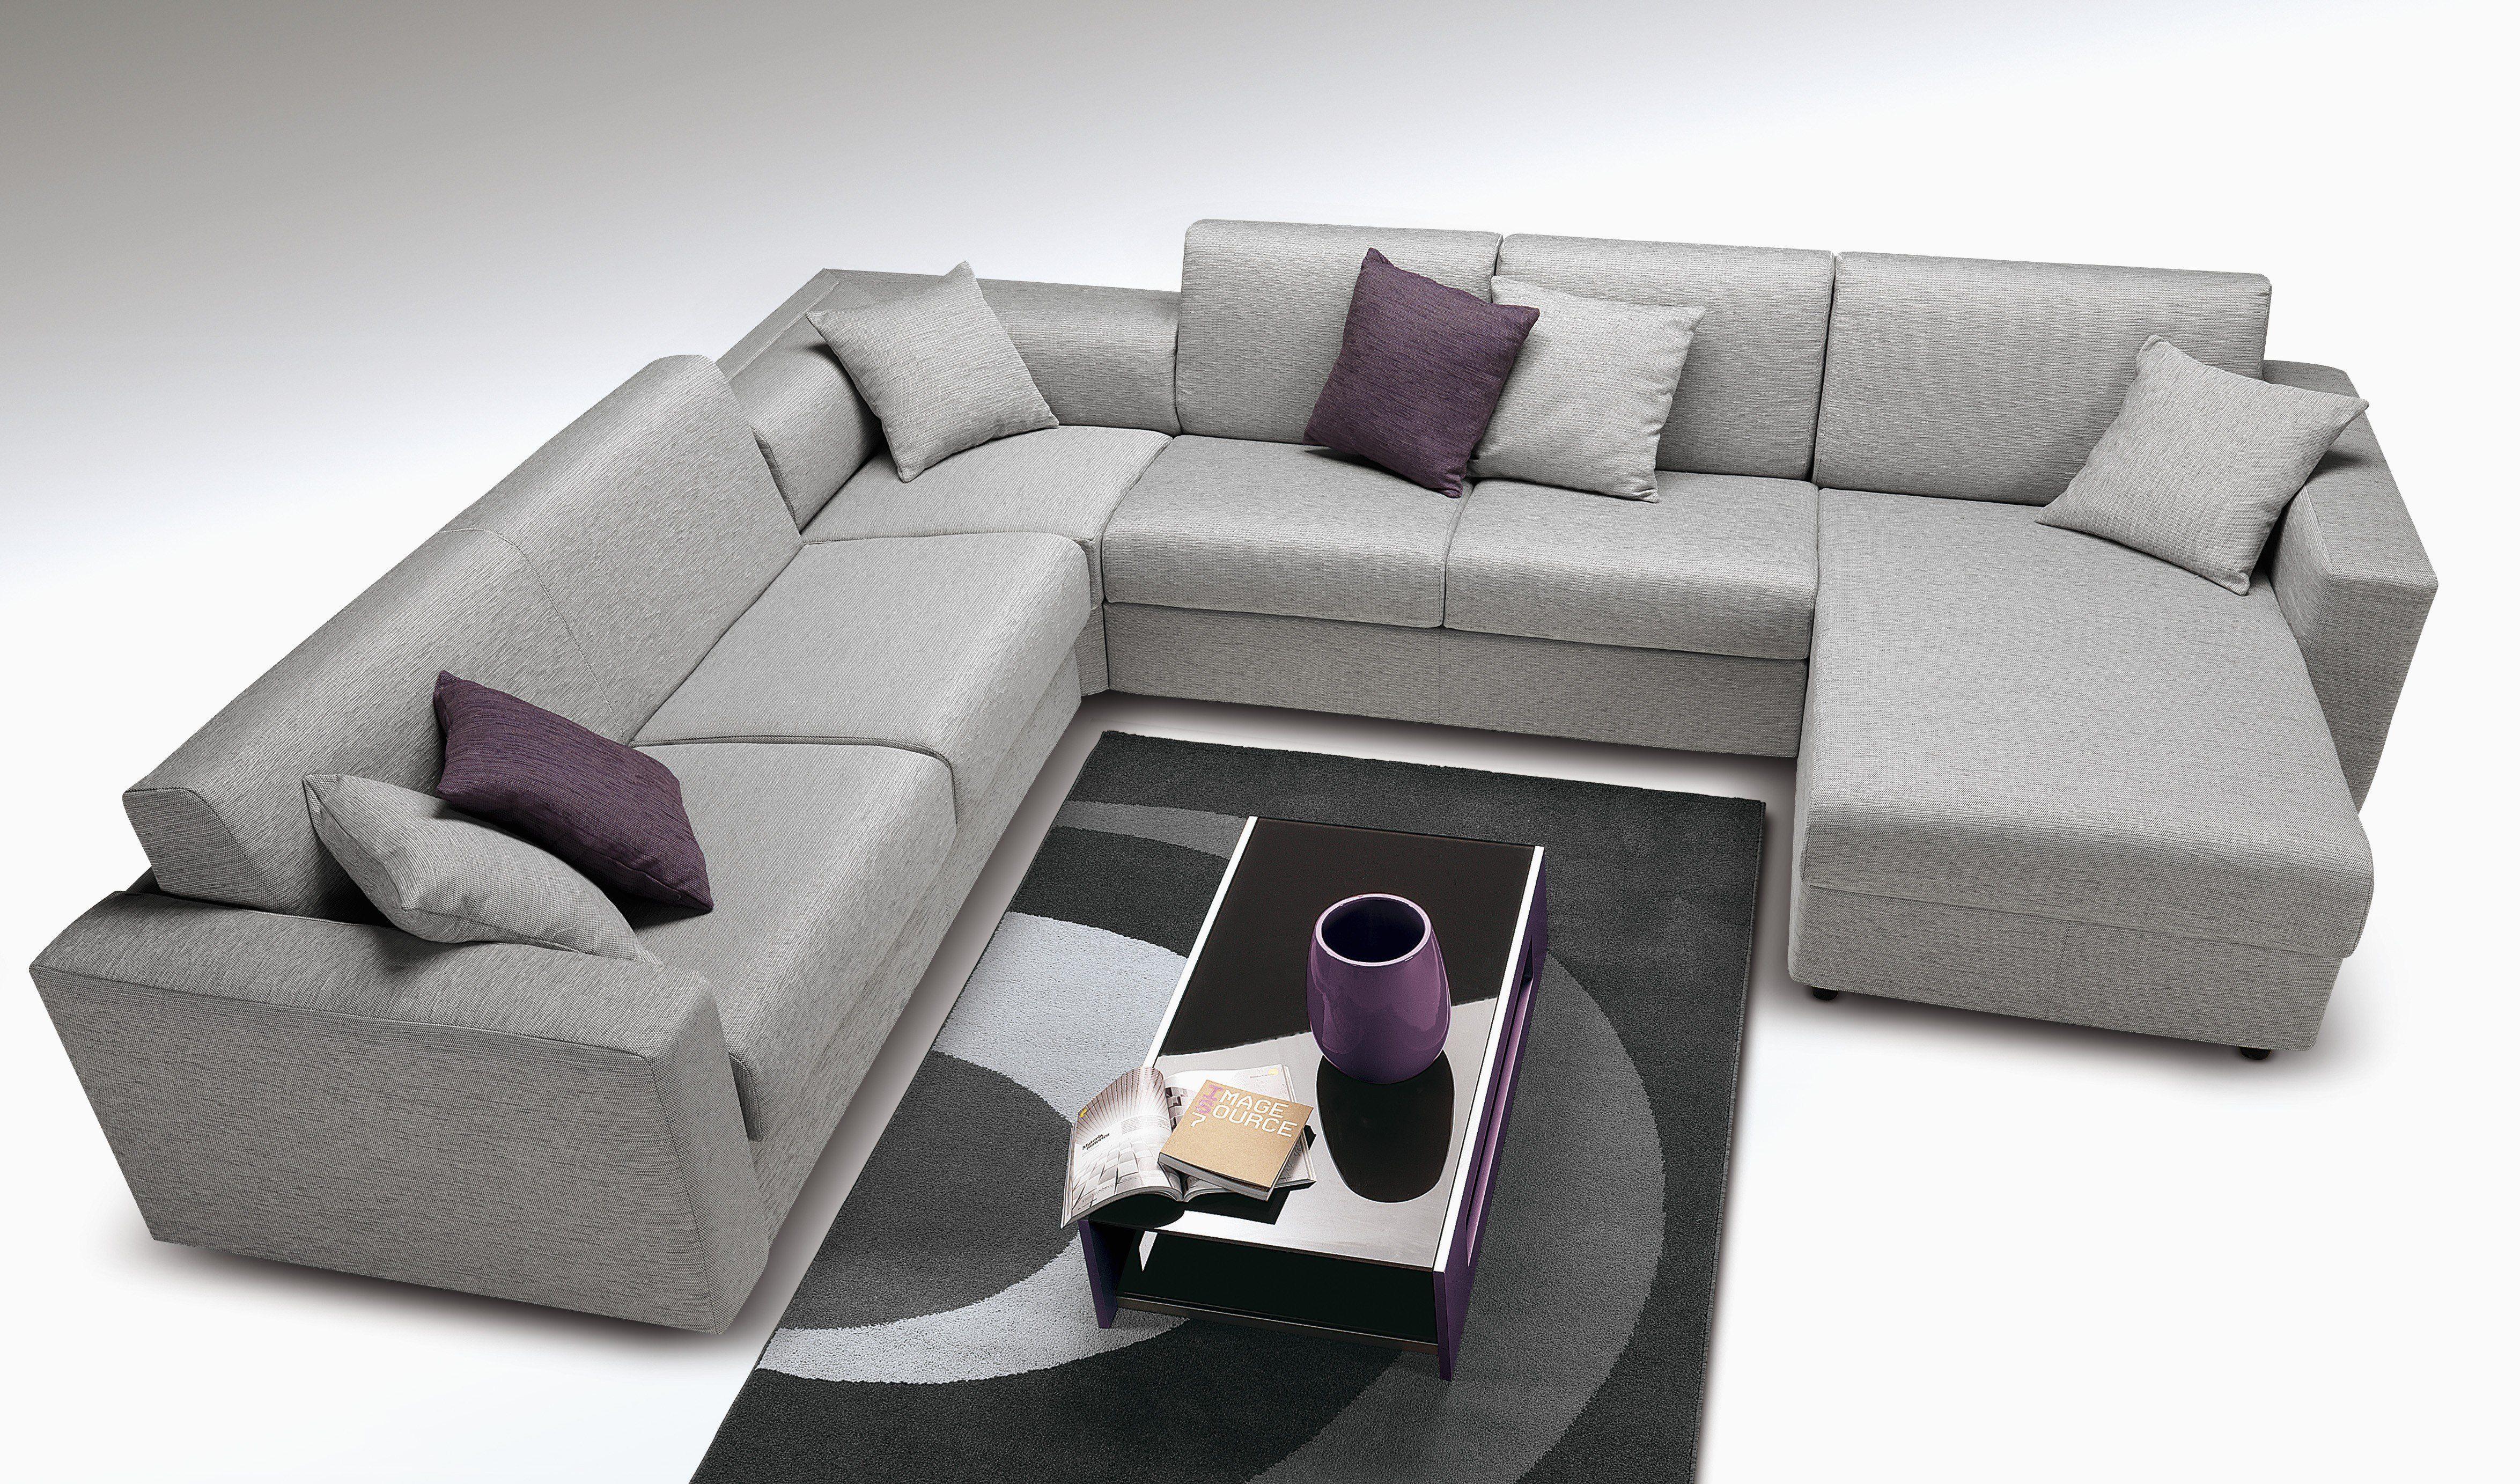 Lit Superposé Gigogne Luxe Lit Canapé Gigogne Unique Canapé Lit Design – Arturotoscanini